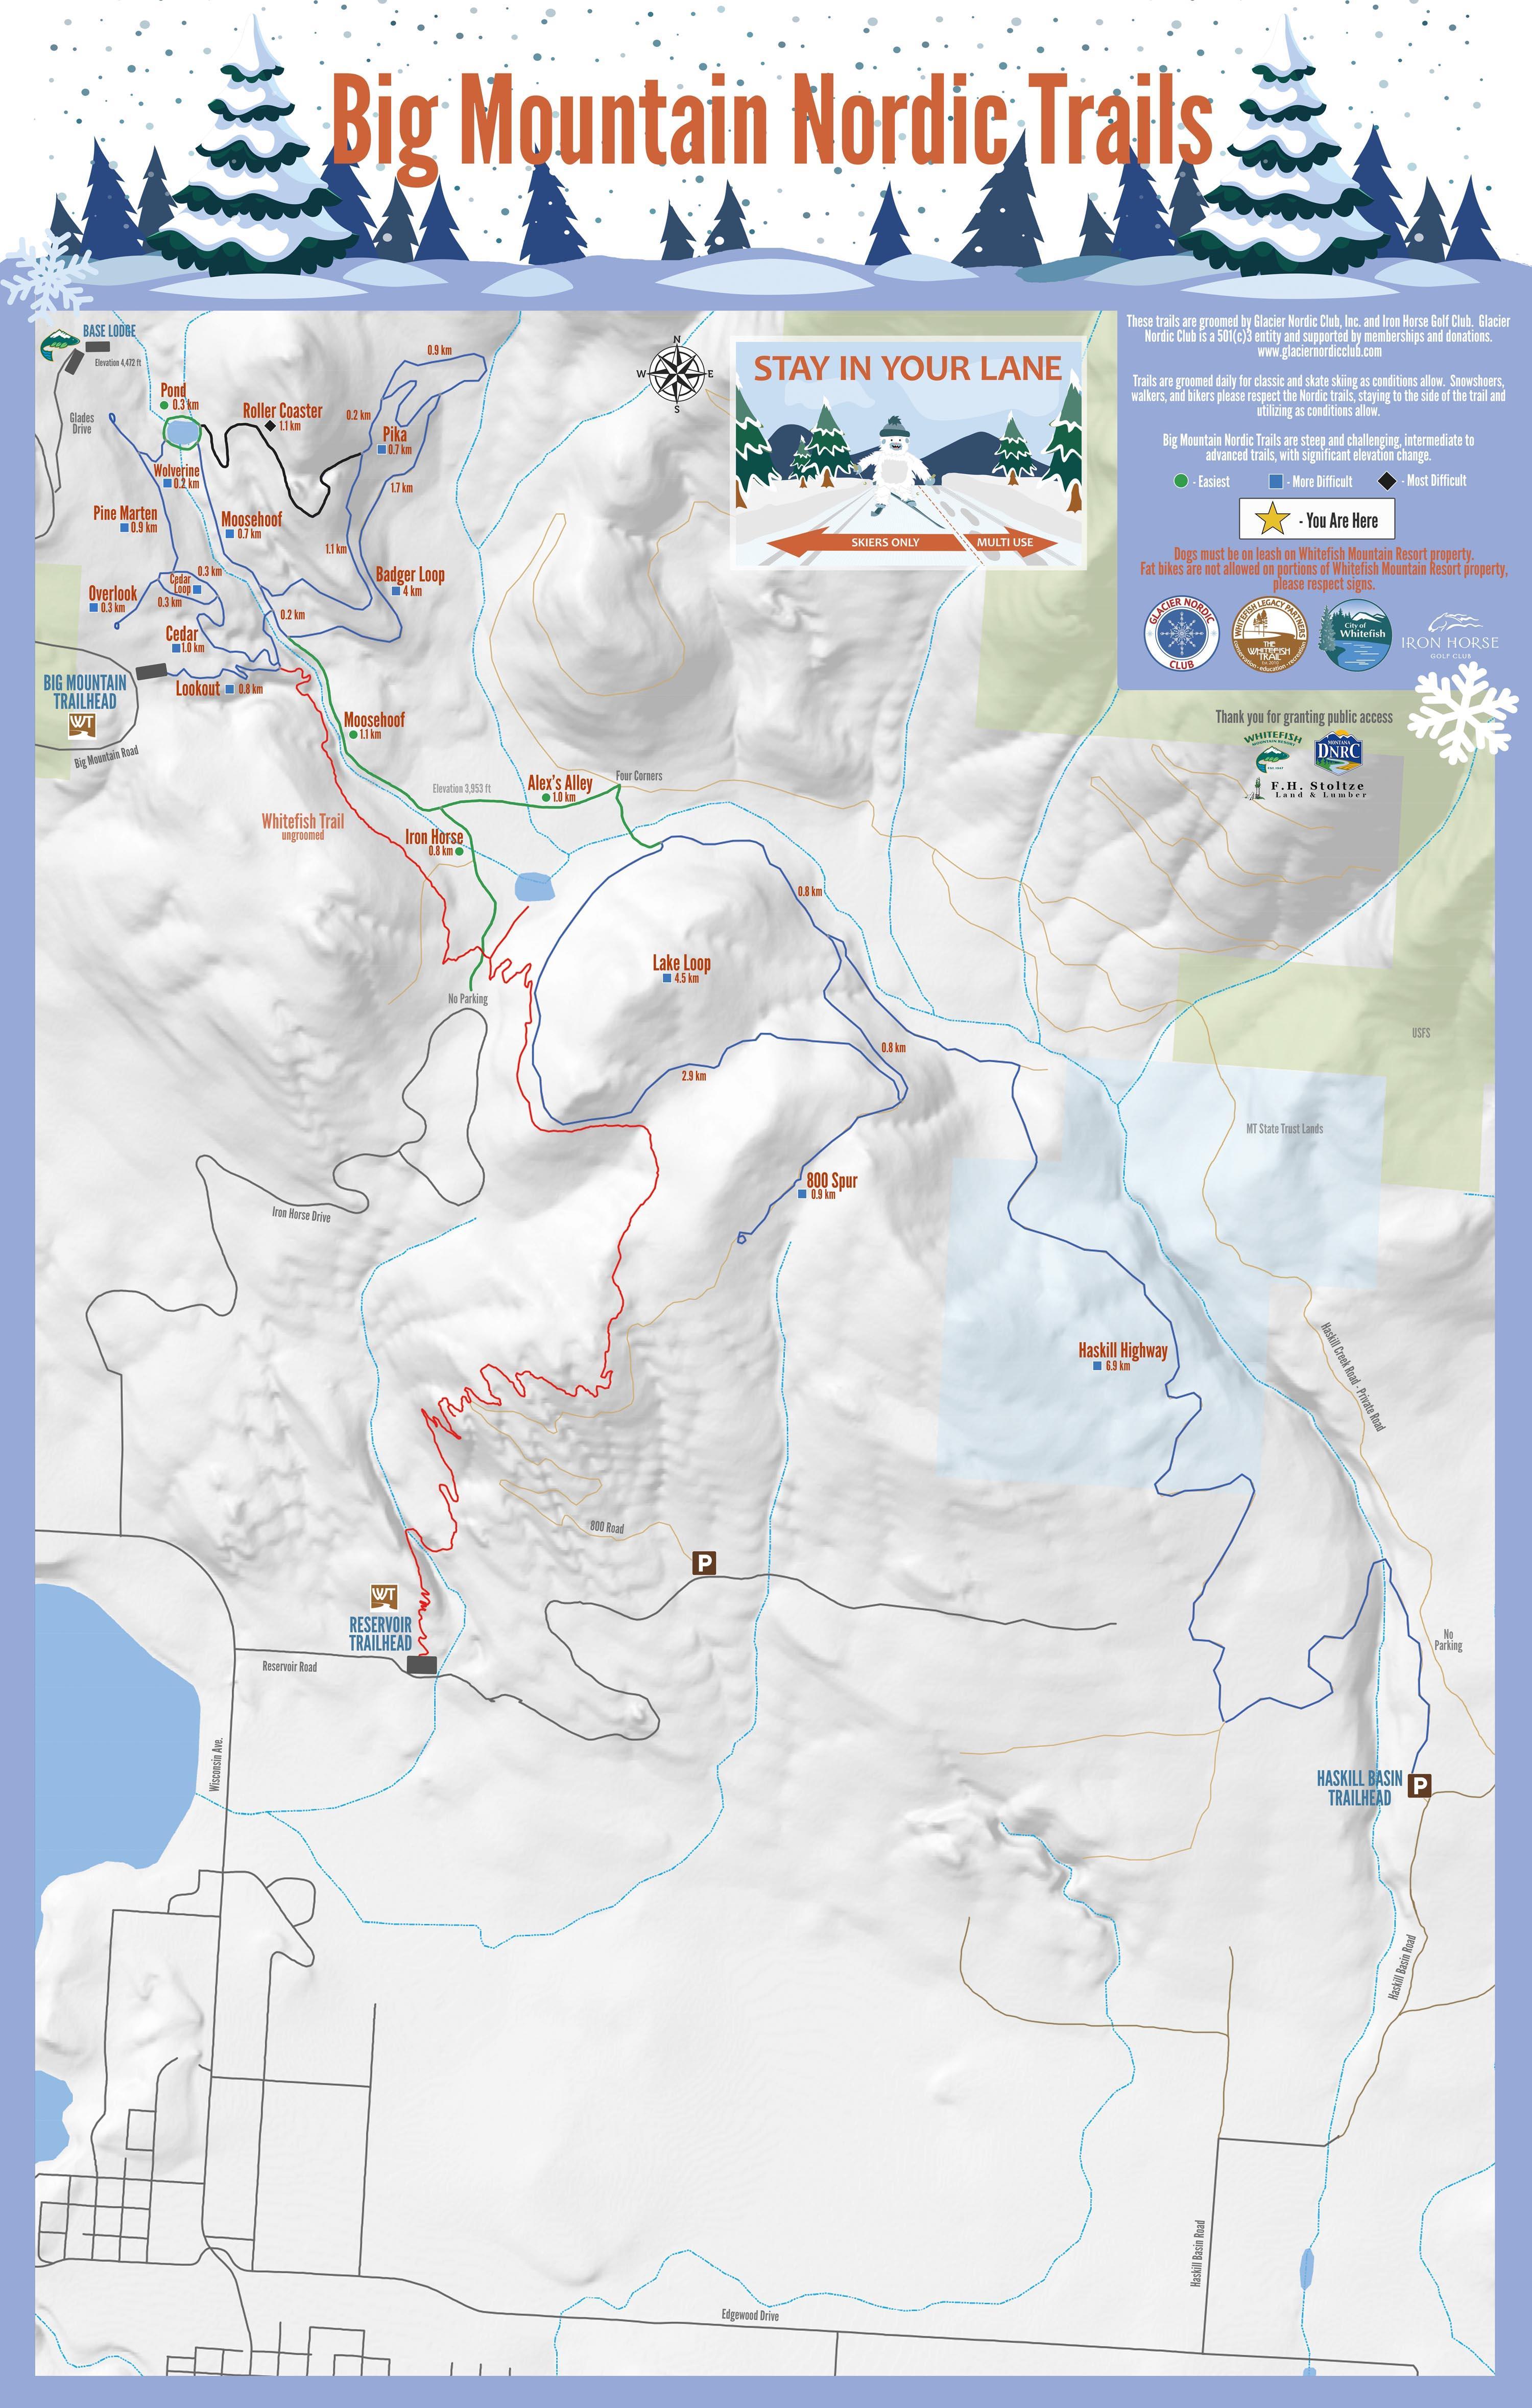 Download maps below